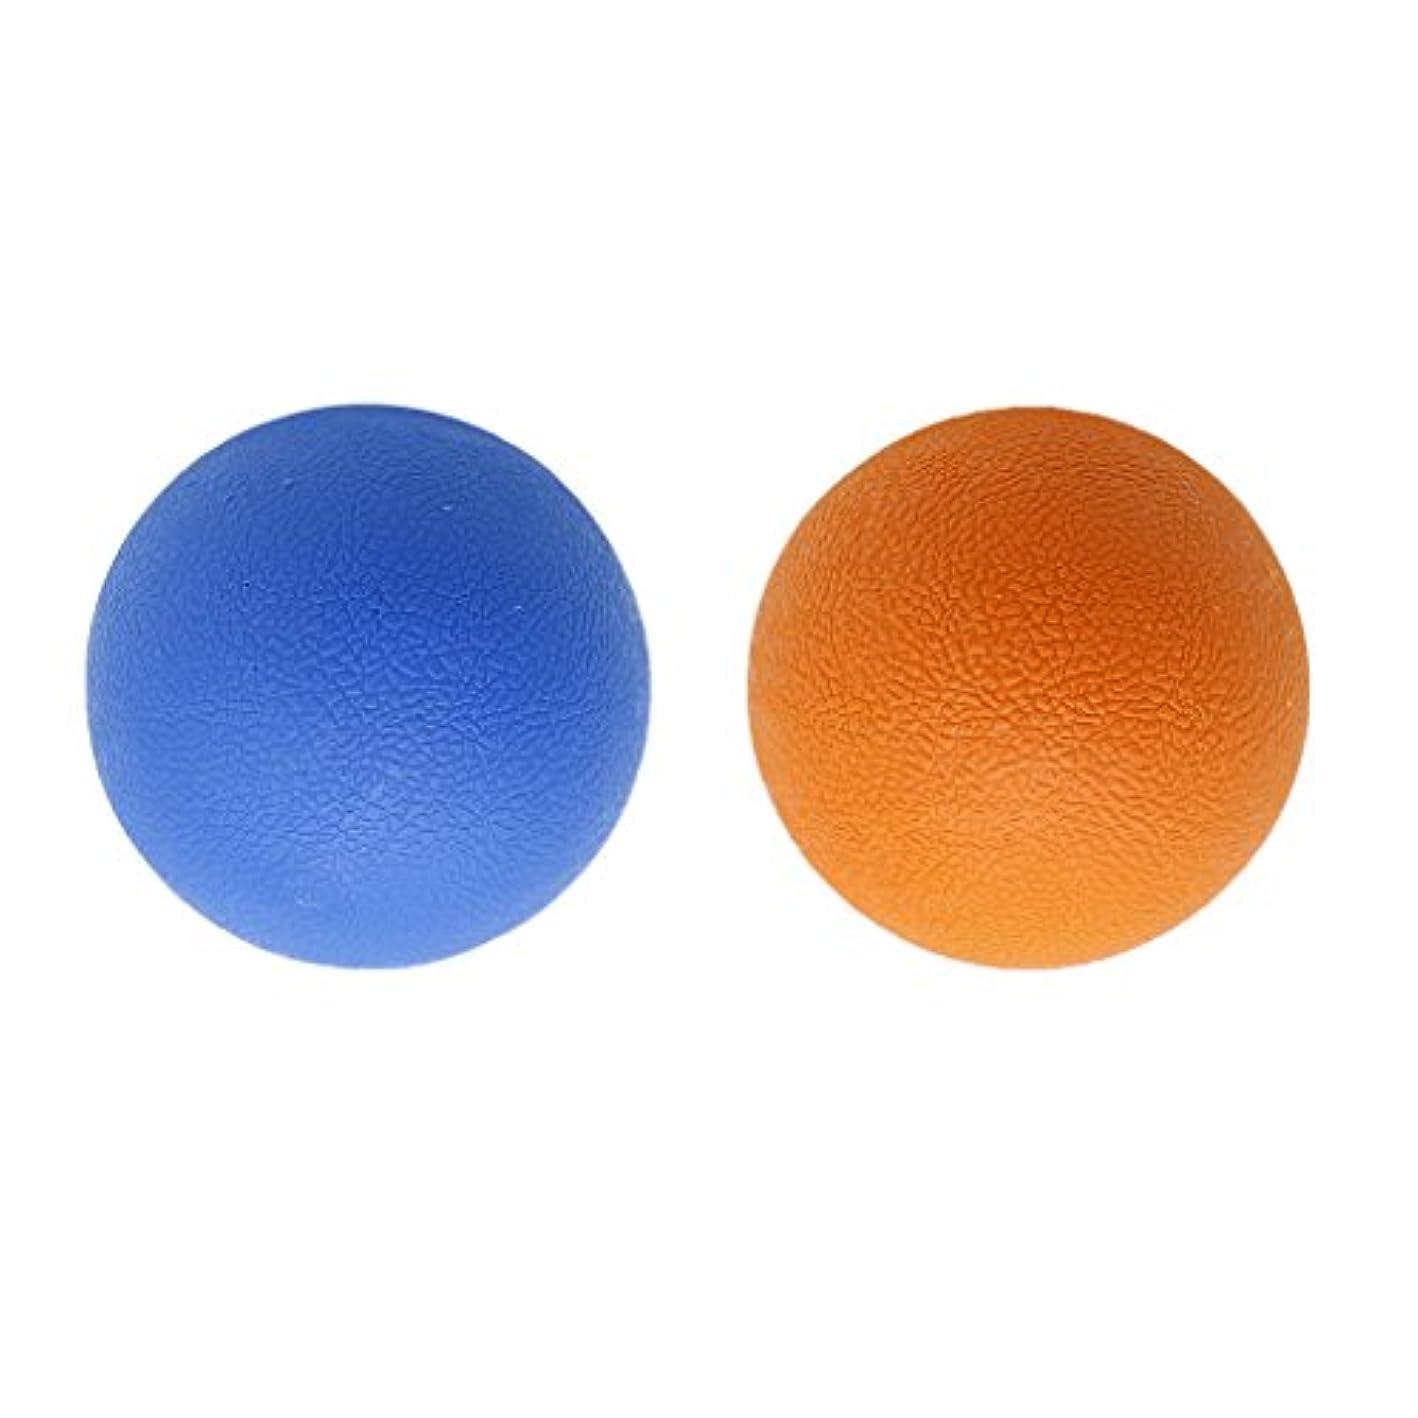 扱う平凡座標2個 マッサージボール ラクロスボール トリガ ポイントマッサージ 弾性TPE 多色選べる - オレンジブルー